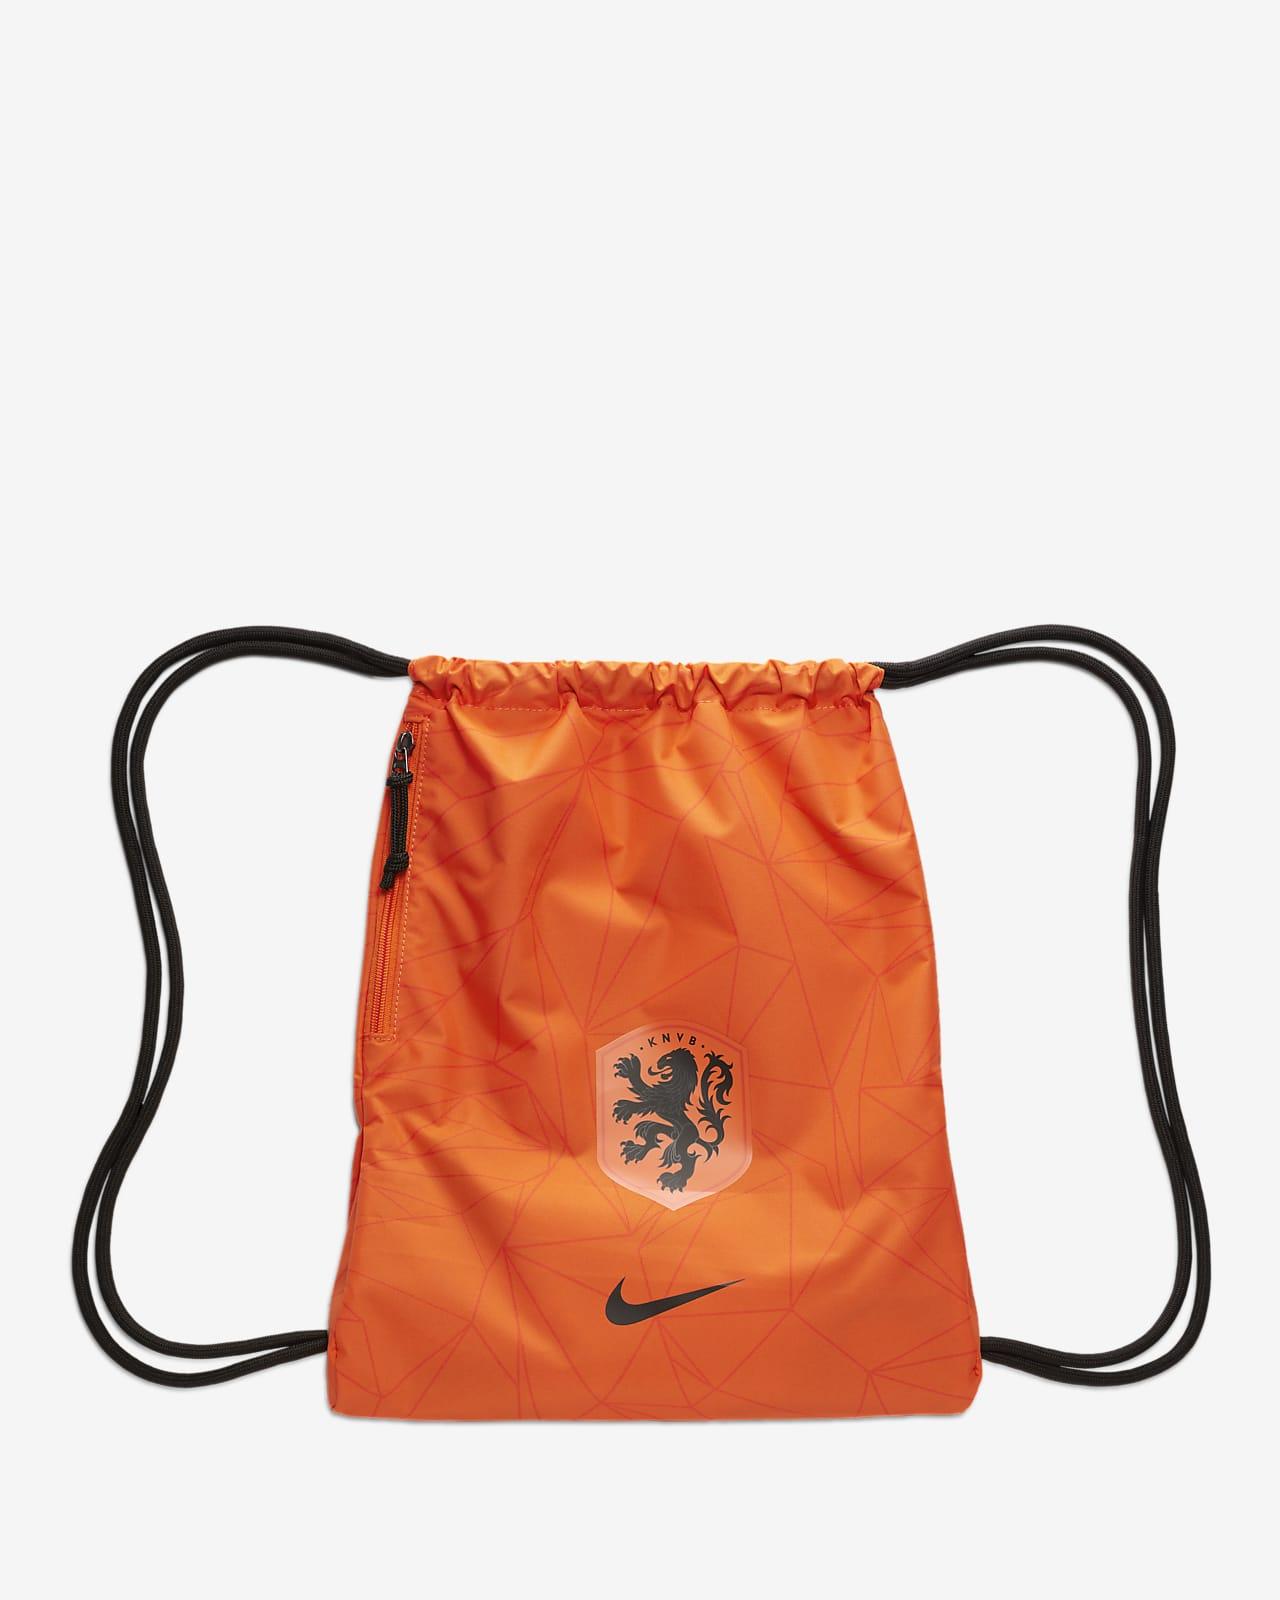 荷兰队 Stadium 足球健身包